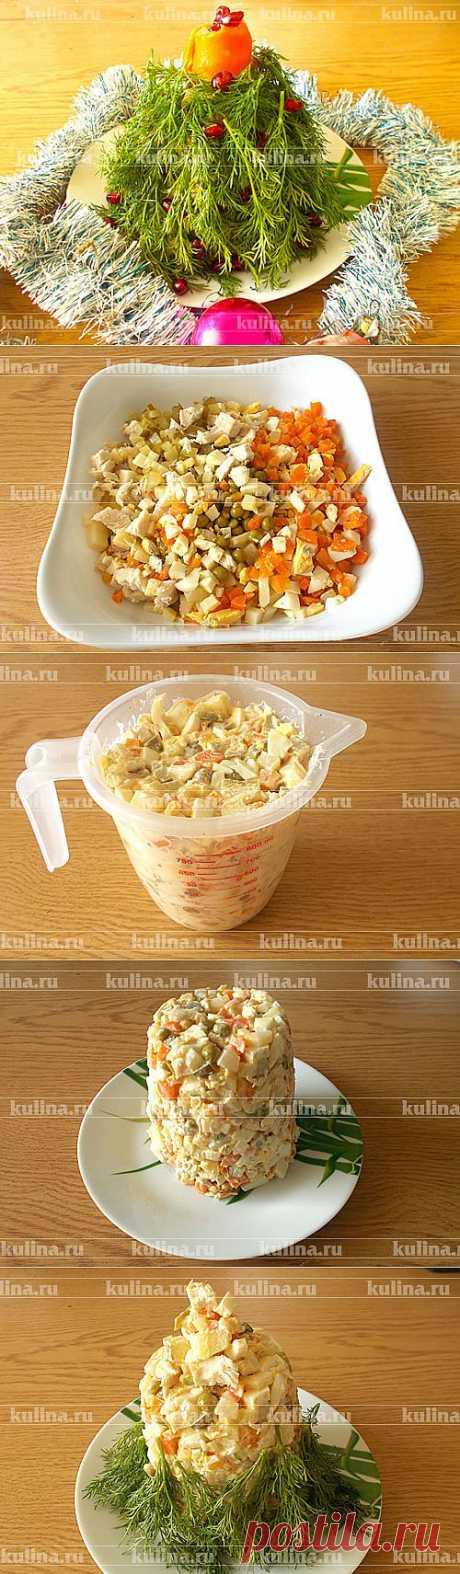 """Салат """"Елочка"""" – рецепт приготовления с фото от Kulina.Ru"""